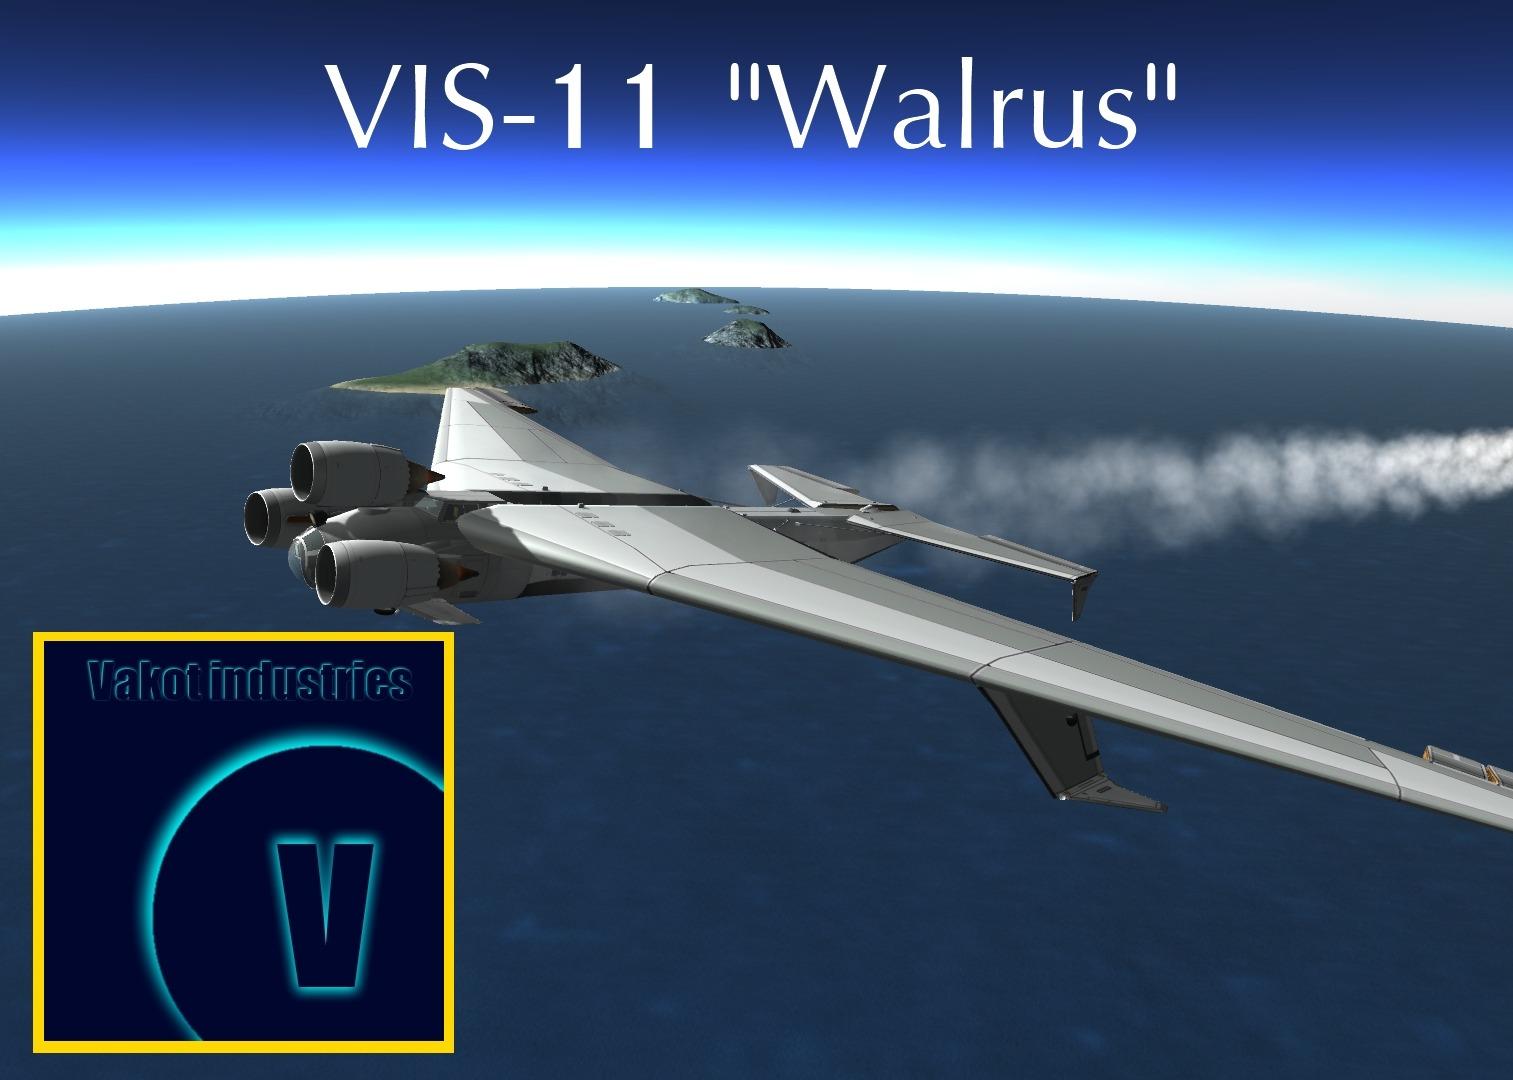 VIS-11